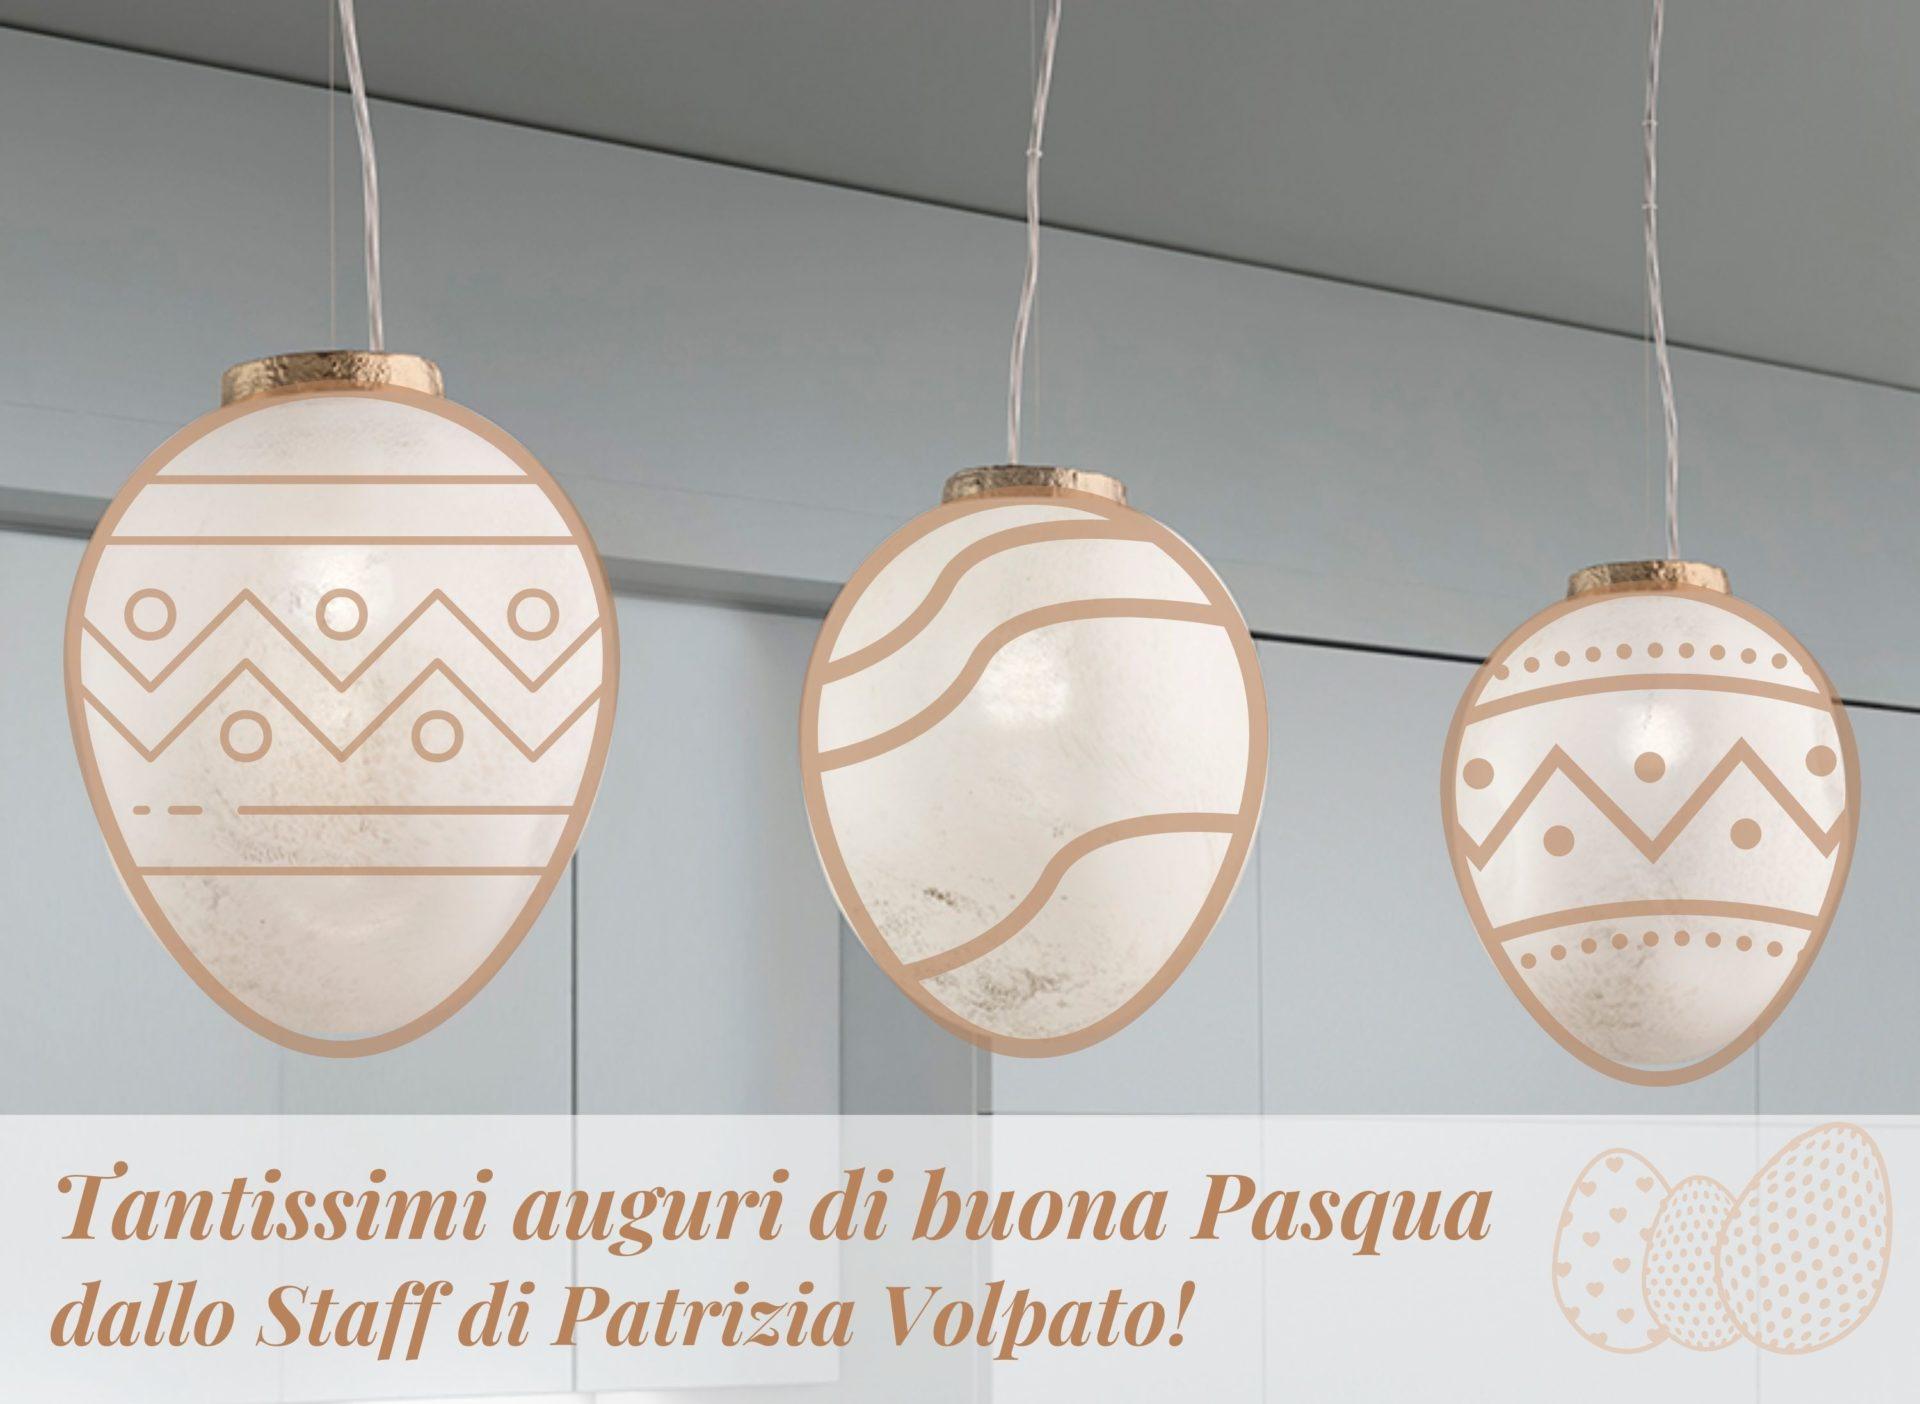 Buona Pasqua da tutto lo staff Patrizia Volpato